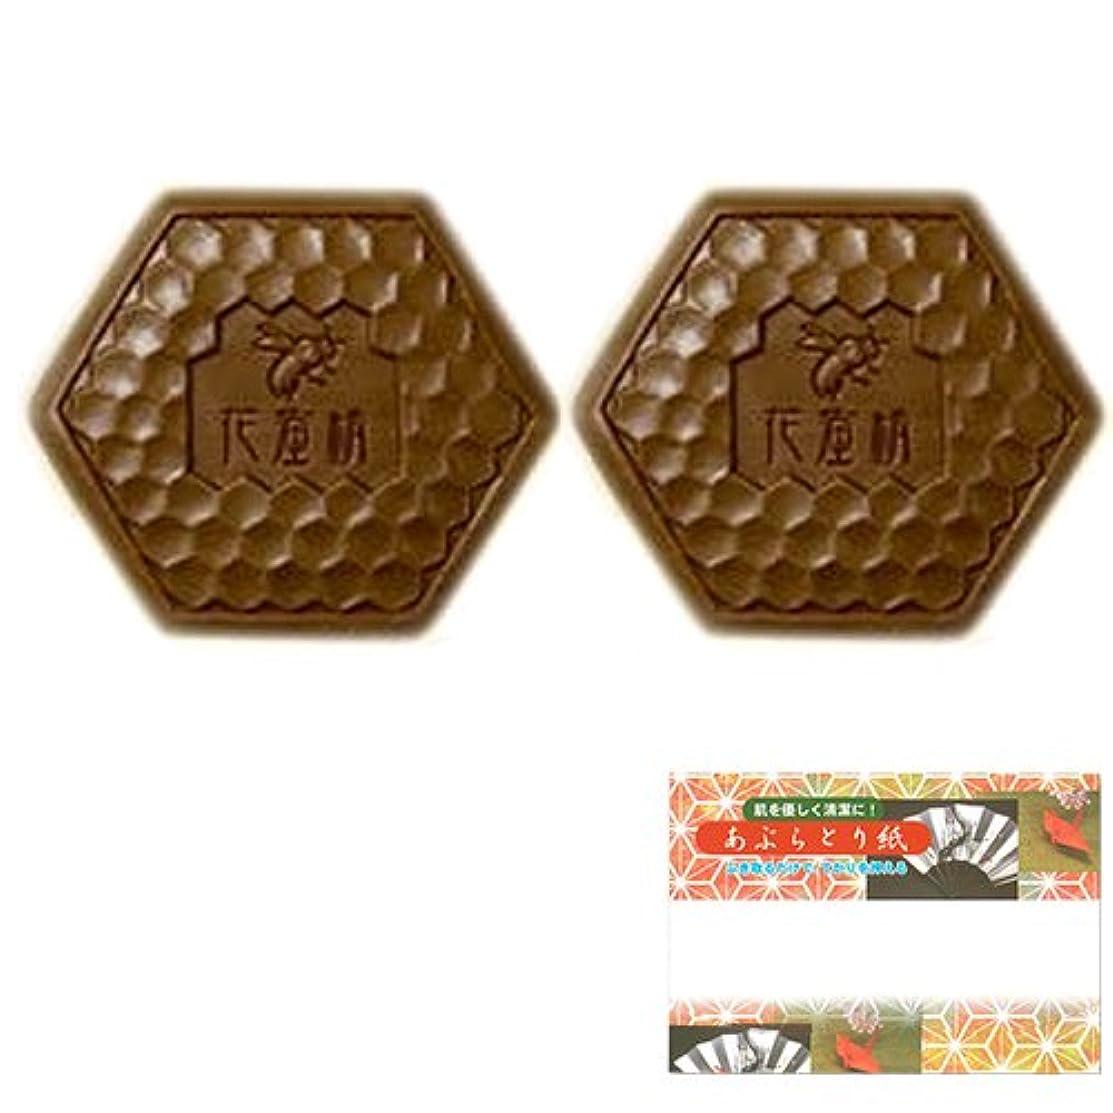 エールアンビエント遅れフェニックス 花蜜精(かみつせい) はちみつ クレンジングソープ 2個 + 高級あぶらとり紙セット